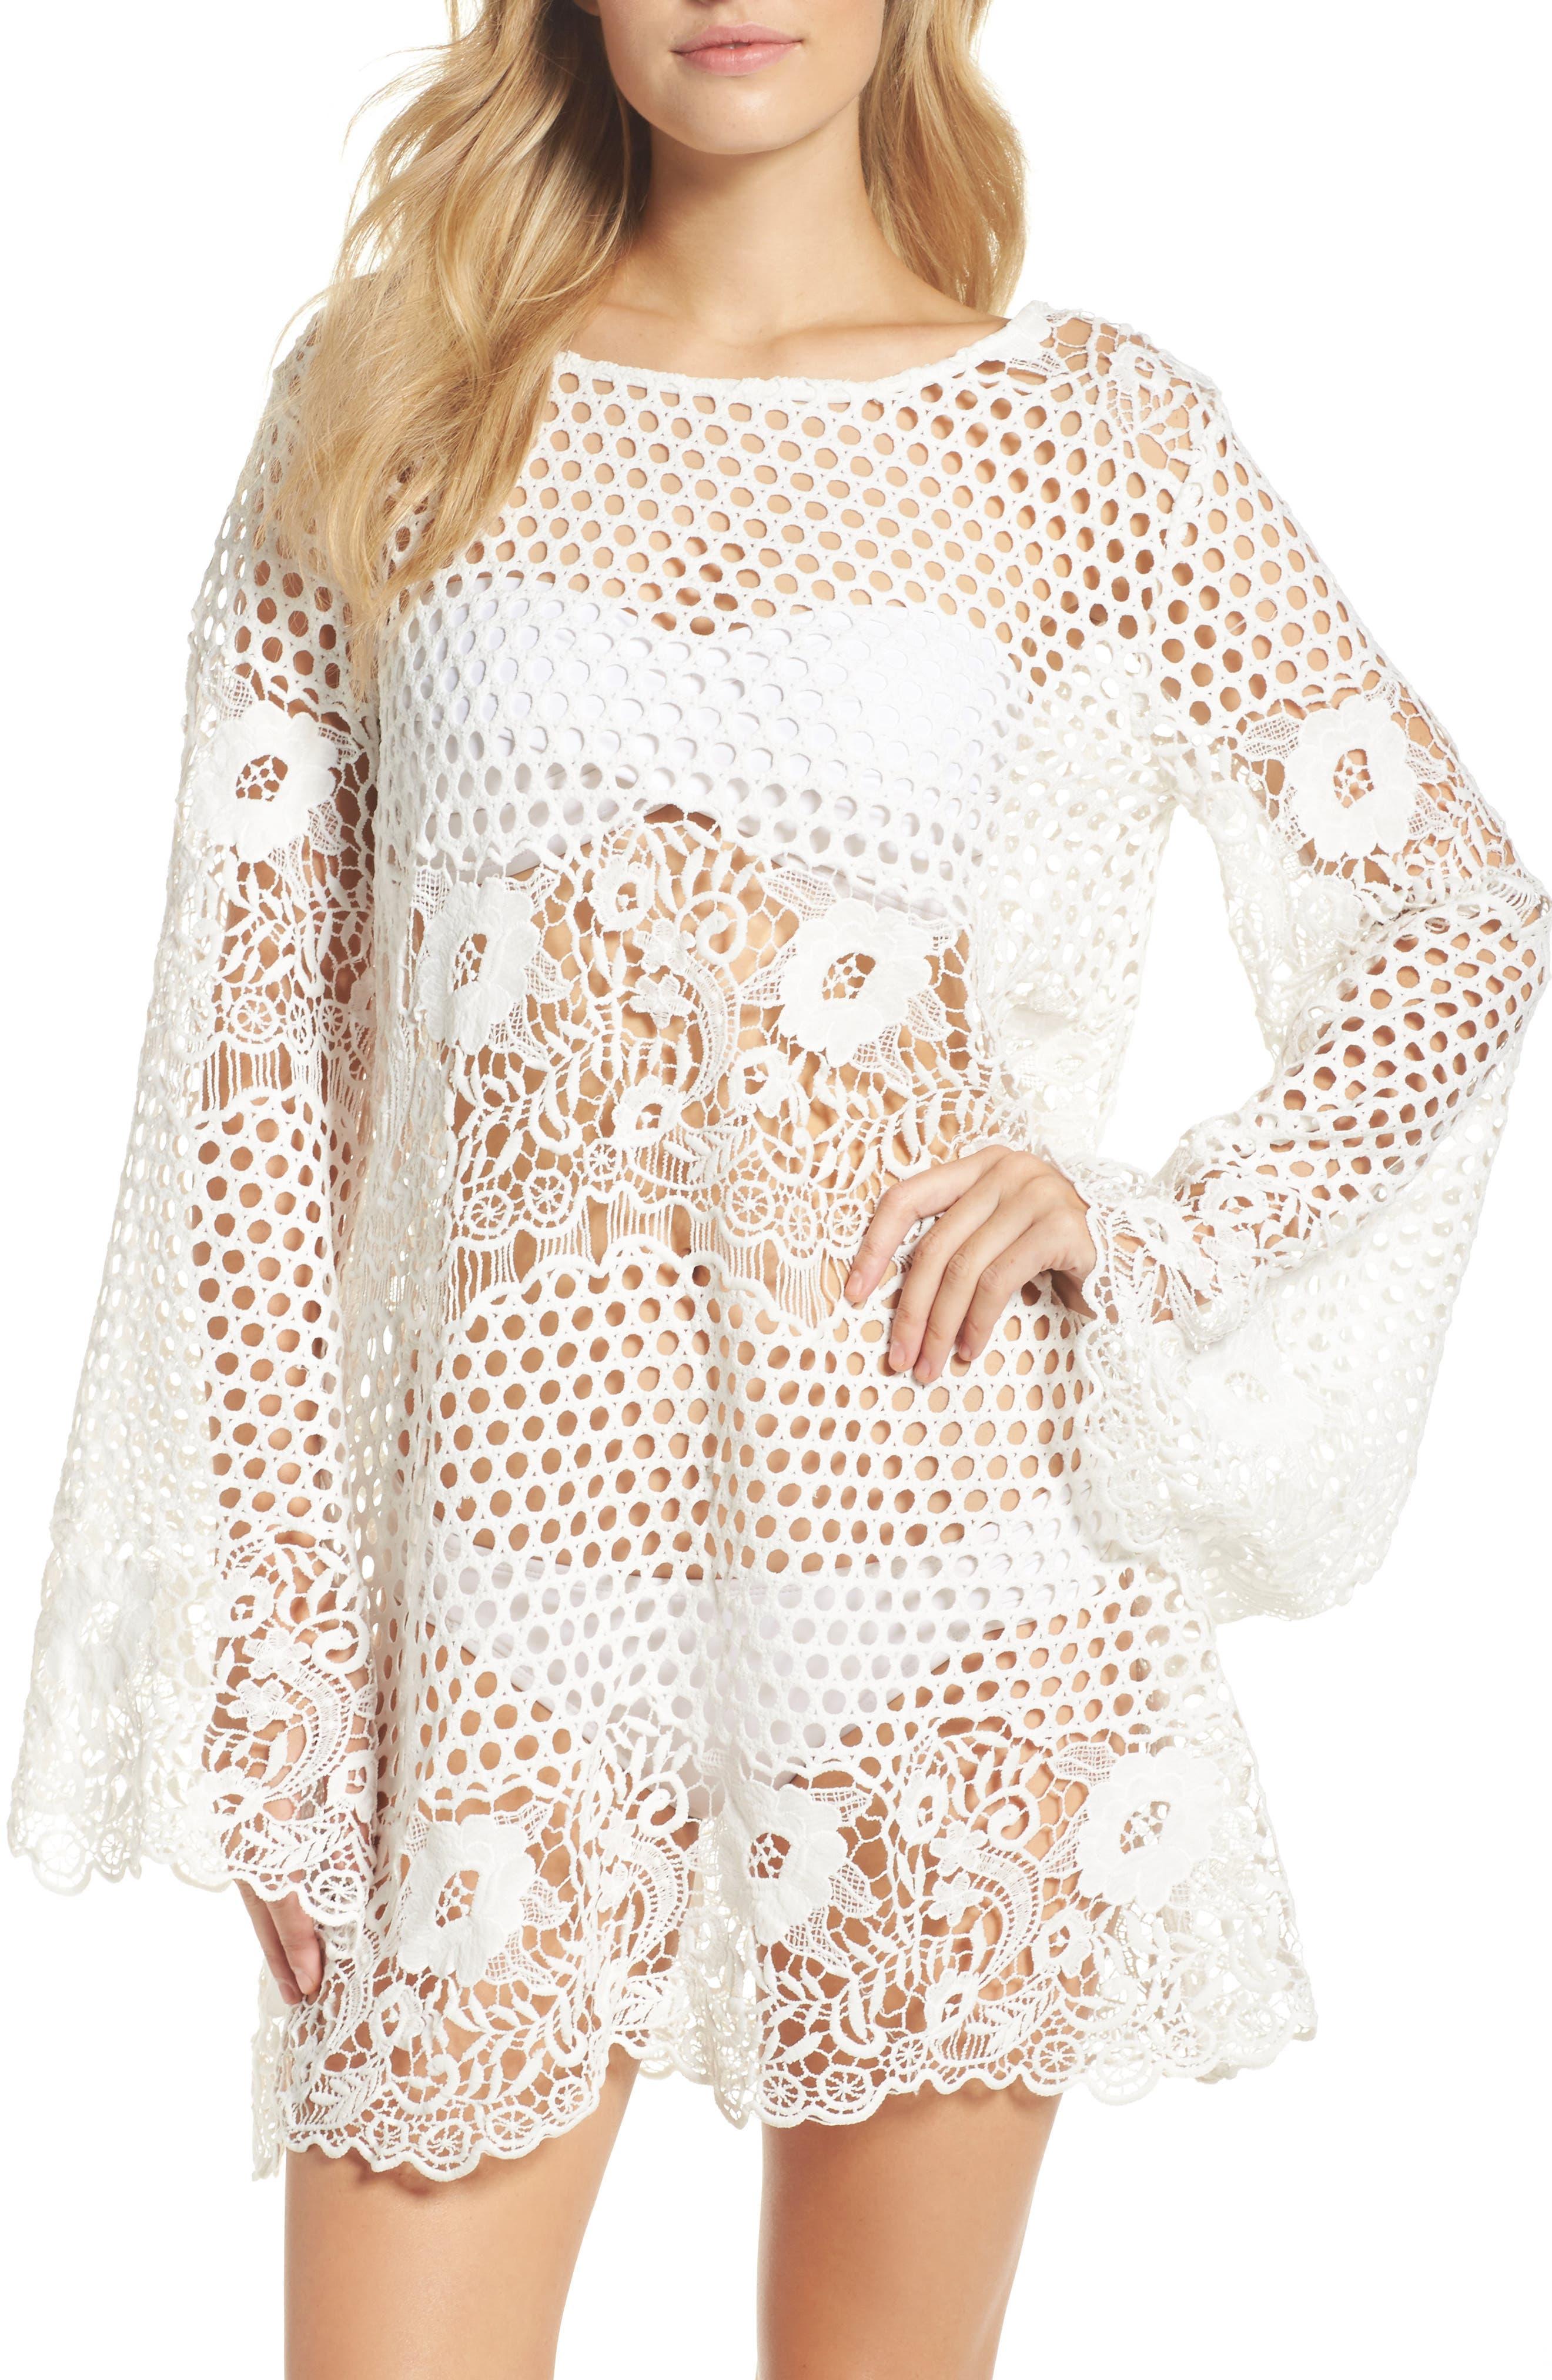 Alternate Image 1 Selected - Muche et Muchette Crochet Cover-Up